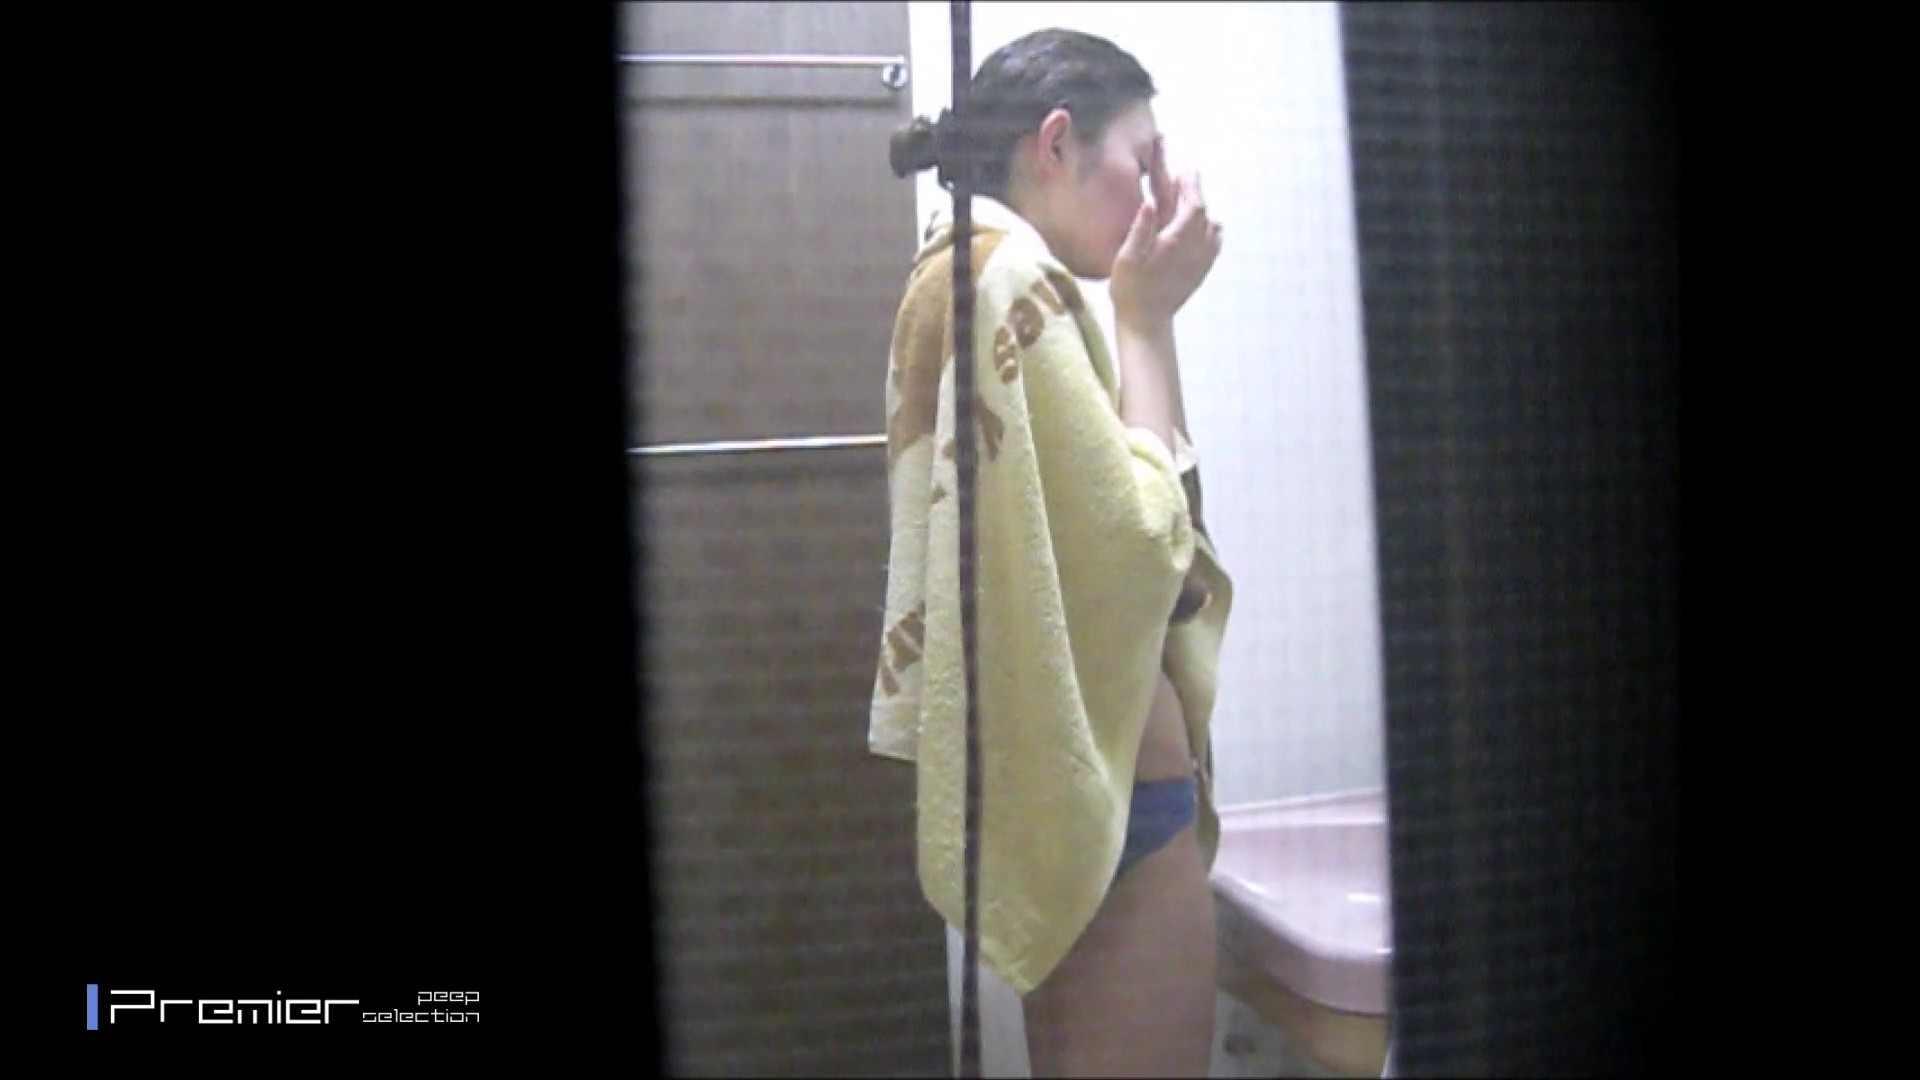 スレンダー美女の桃色乳首 乙女の風呂場 Vol.09 OLの実態 | 桃色乳首  51pic 50